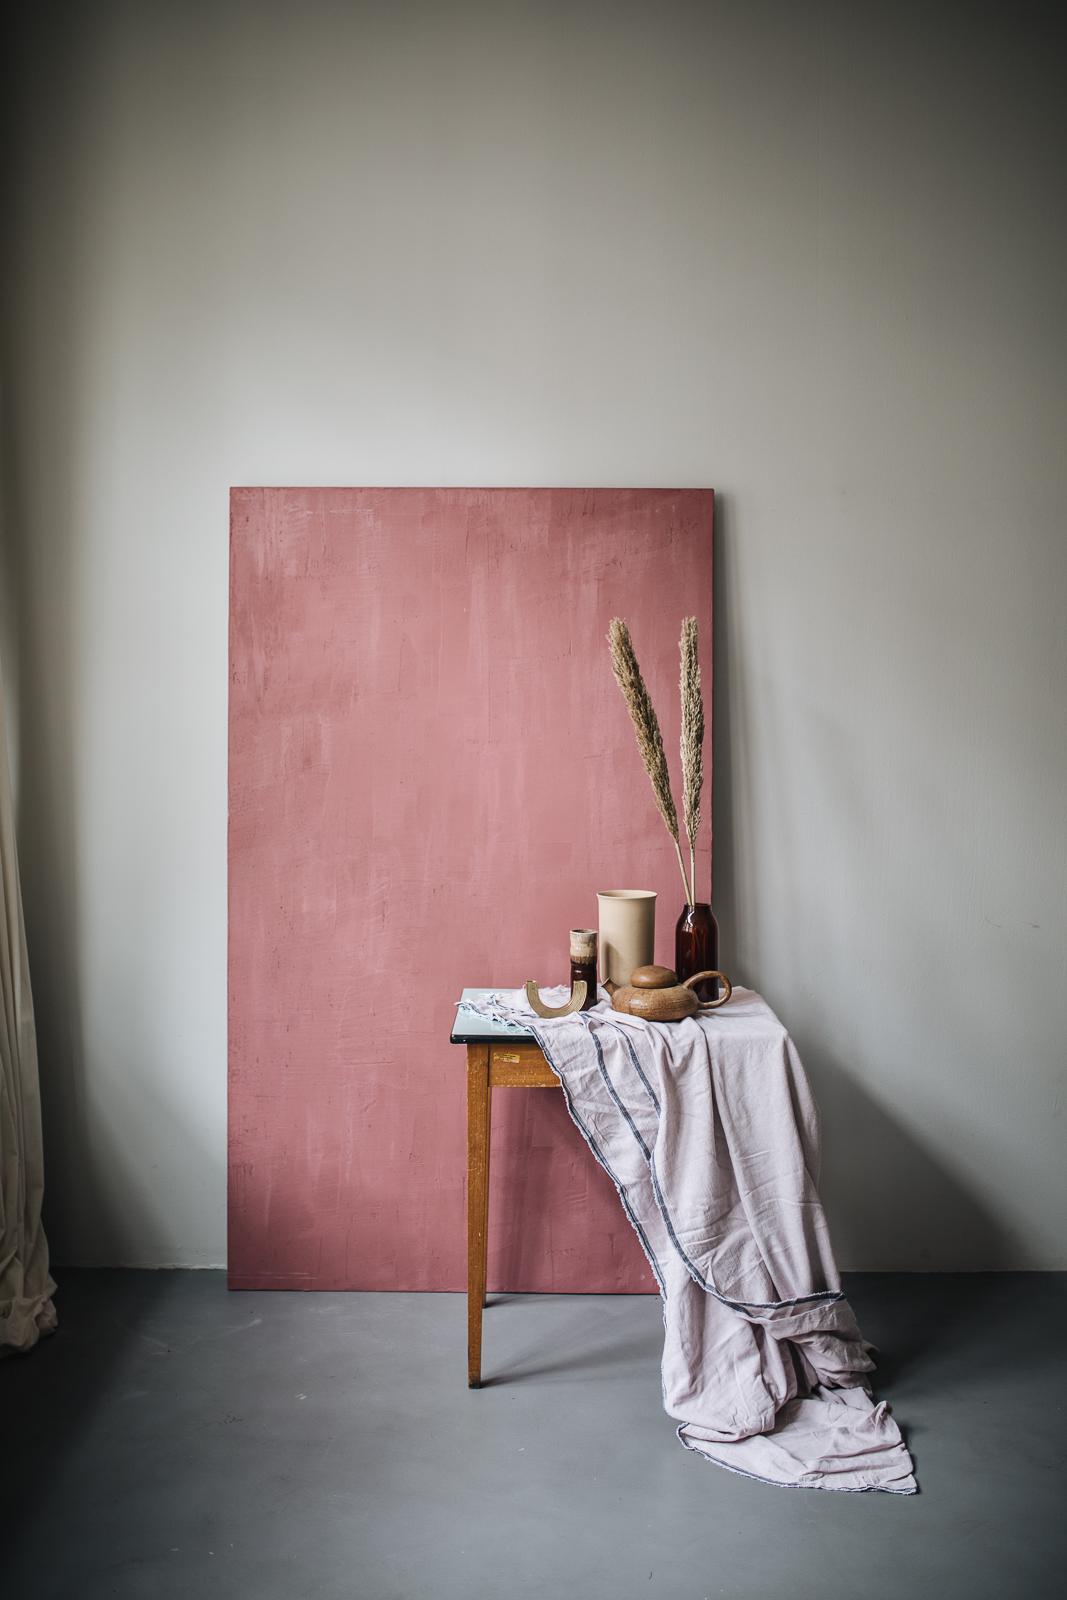 Backdrop, Stillife, Interior Design